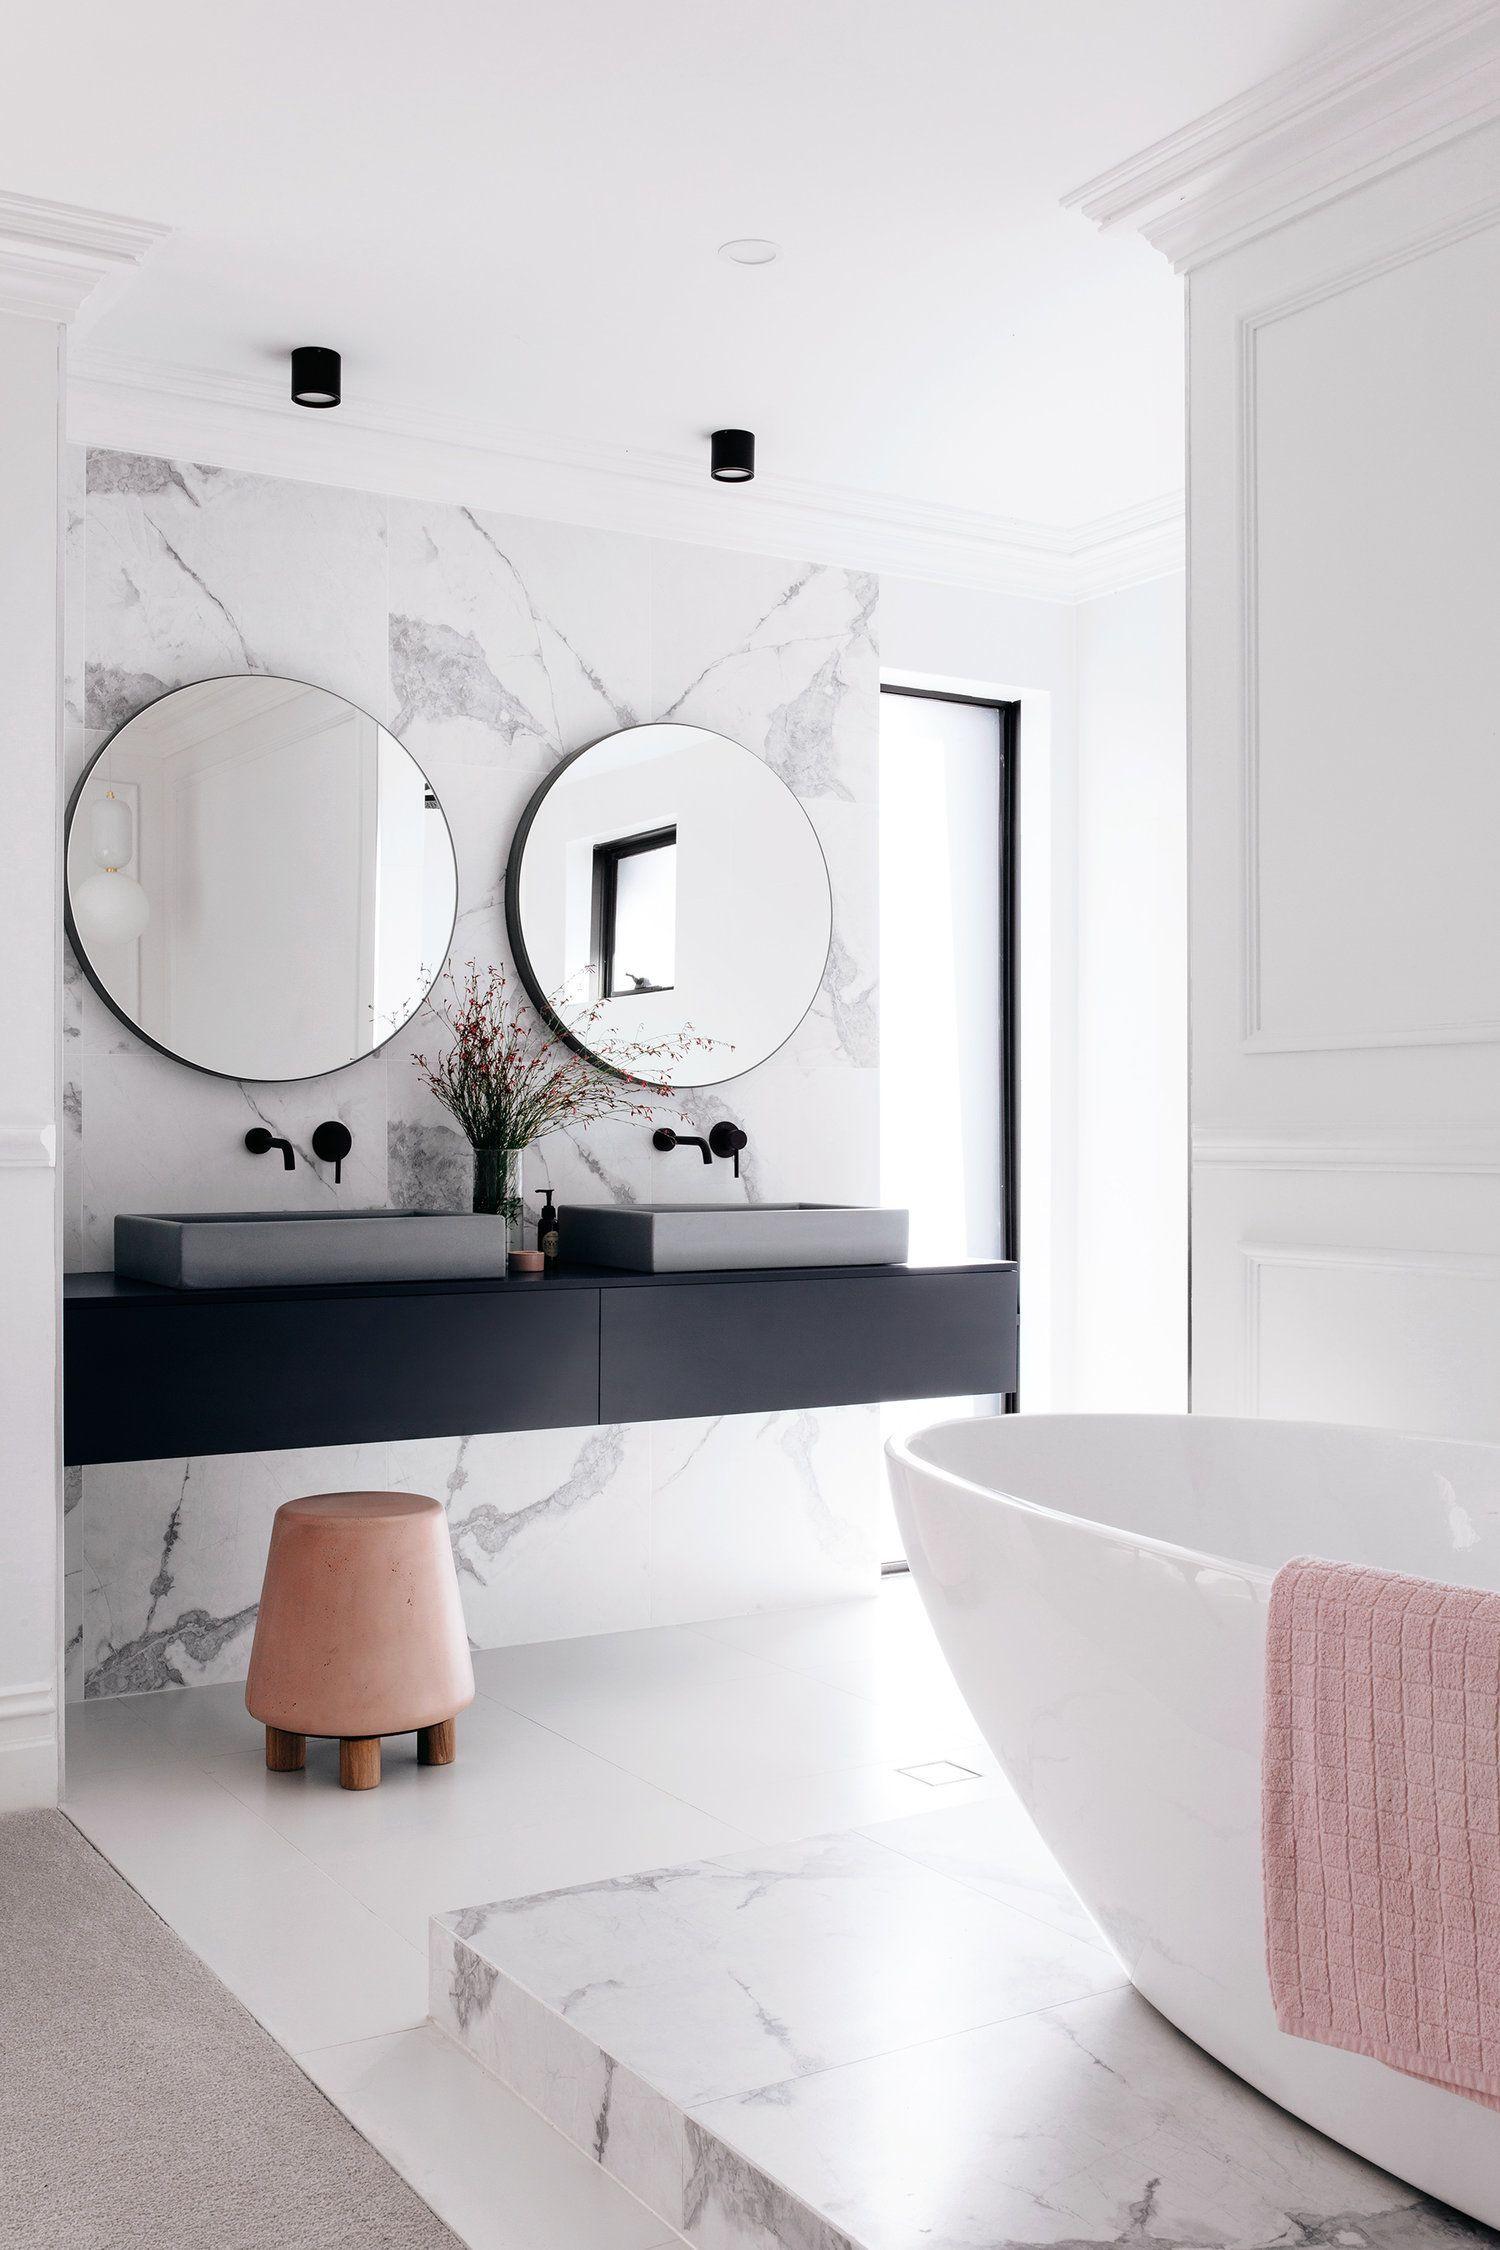 20+ Small Bathroom Sinks Ideas | Ideas for bathroom decor ...